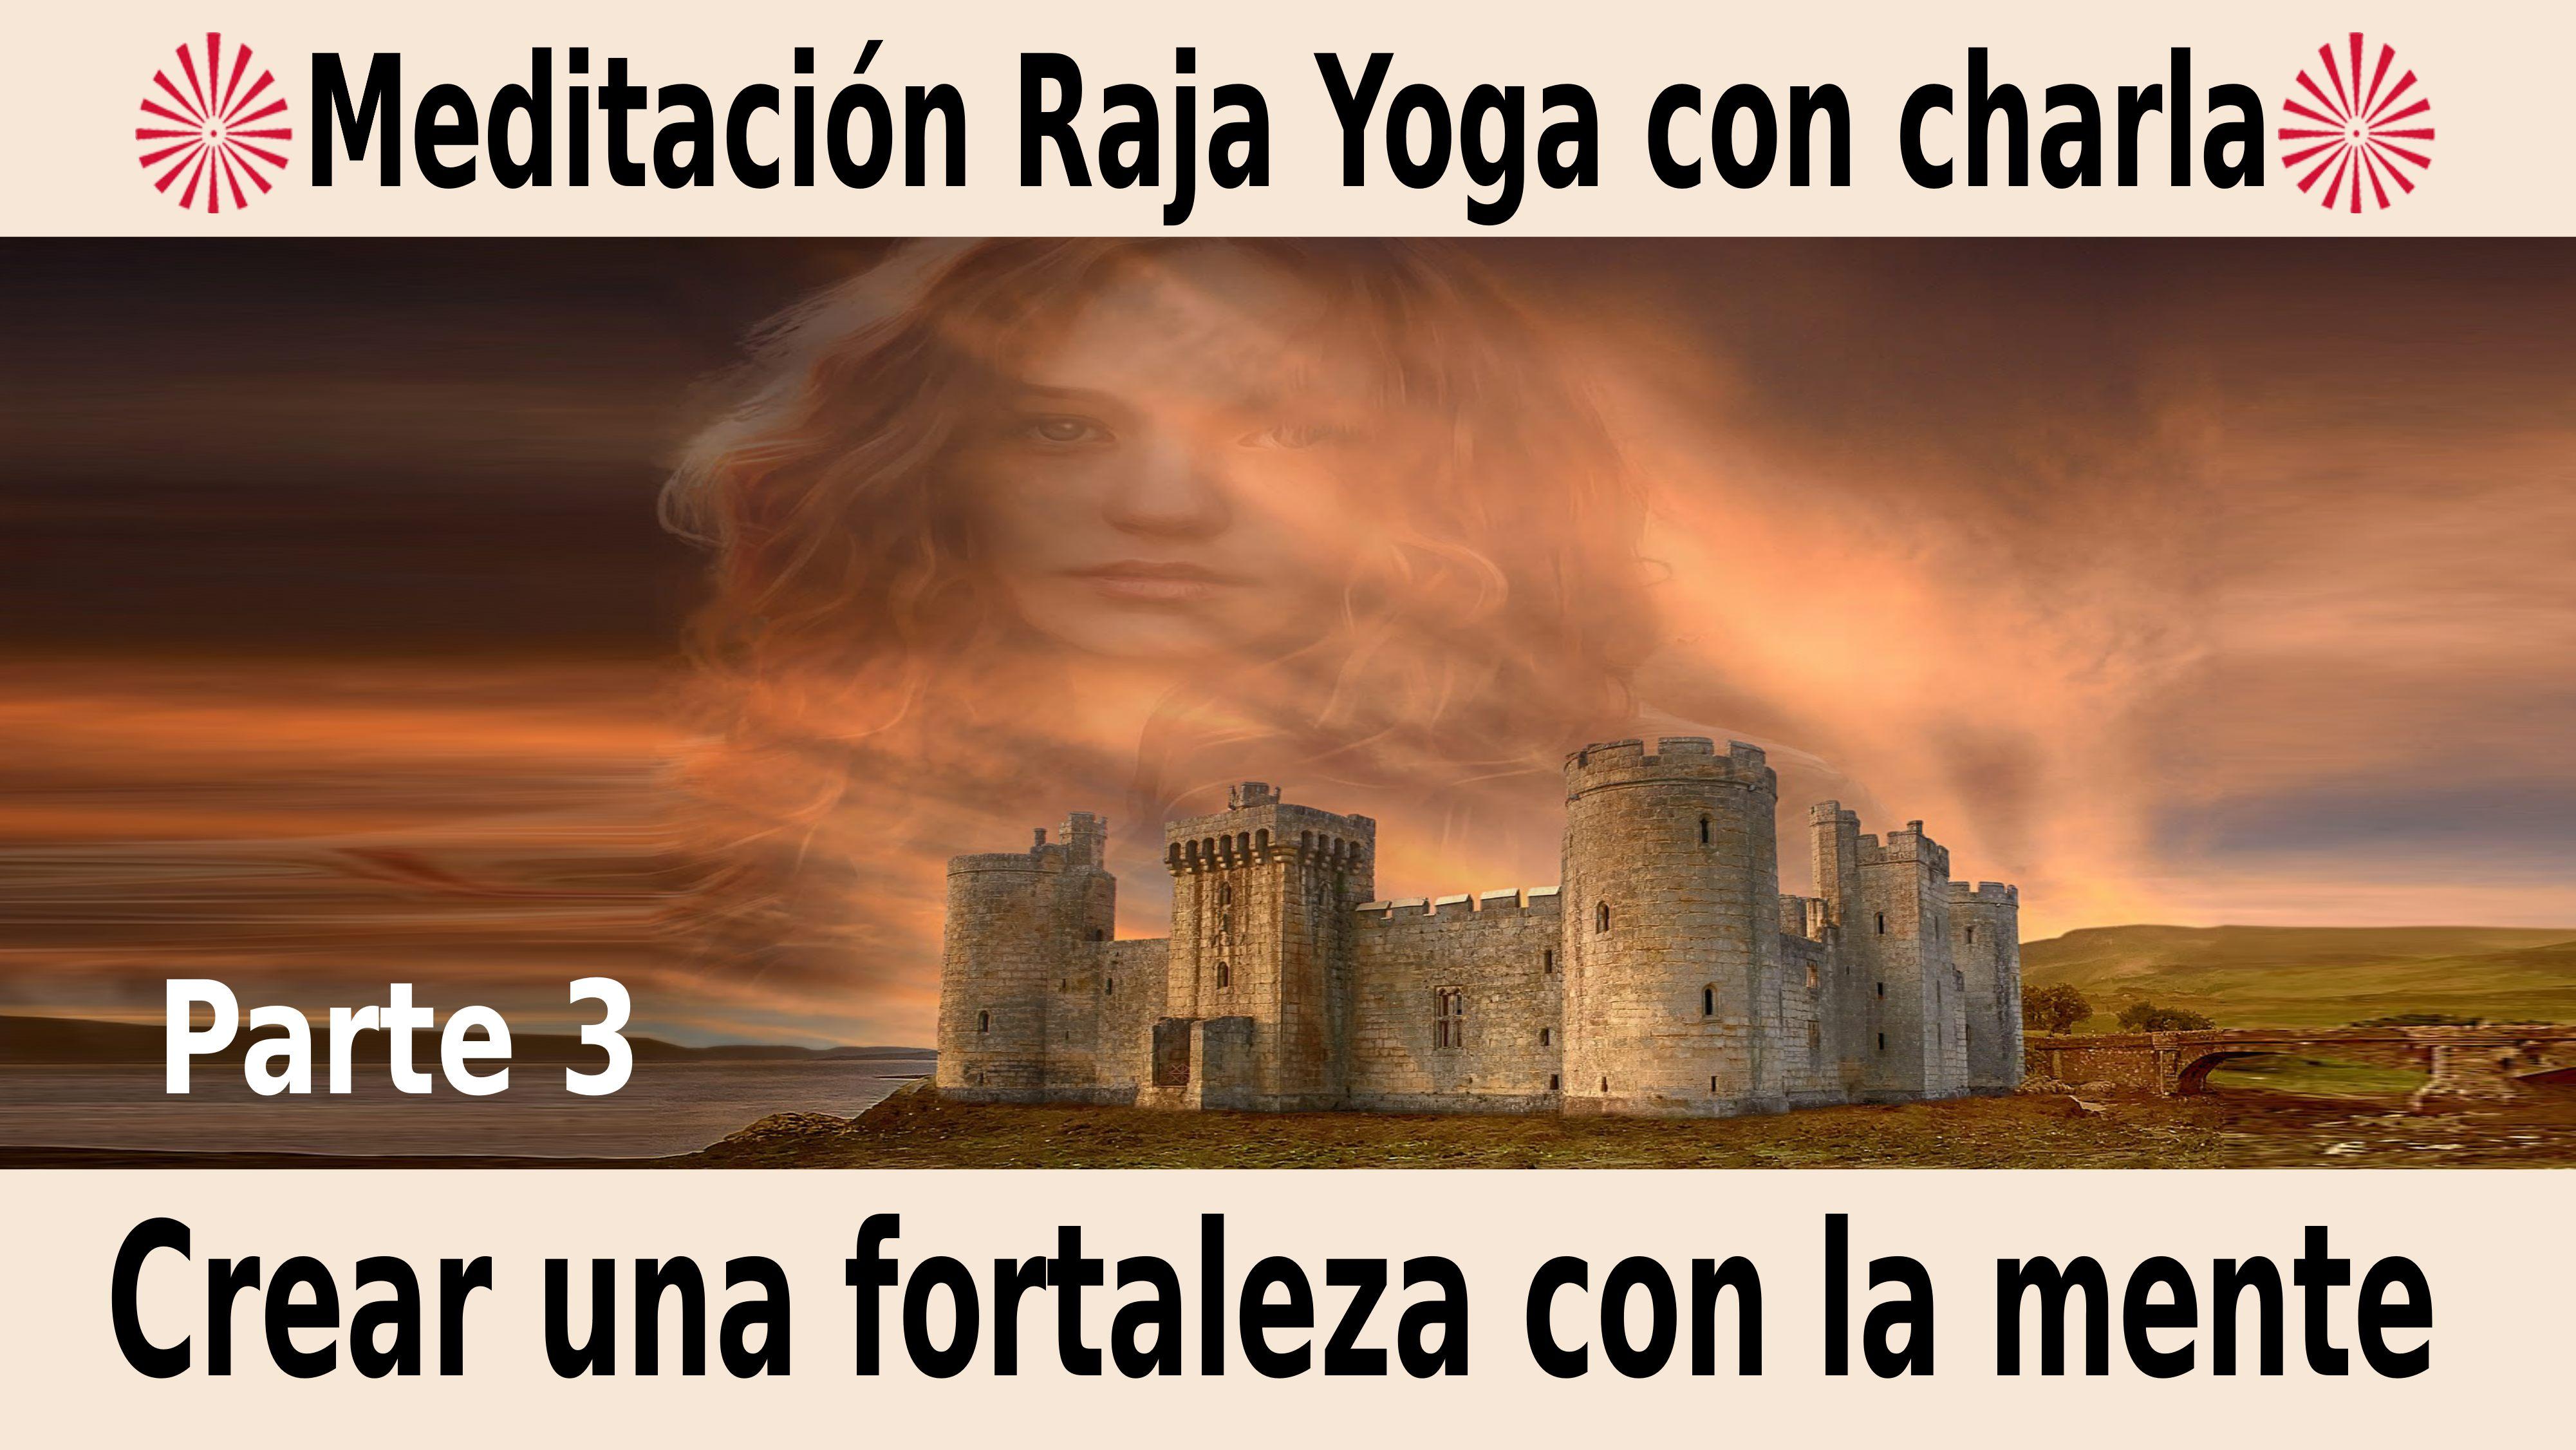 Meditación Raja Yoga con charla: Crear una fortaleza con la mente (3ª parte) (17 Noviembre 2020) On-line desde Madrid